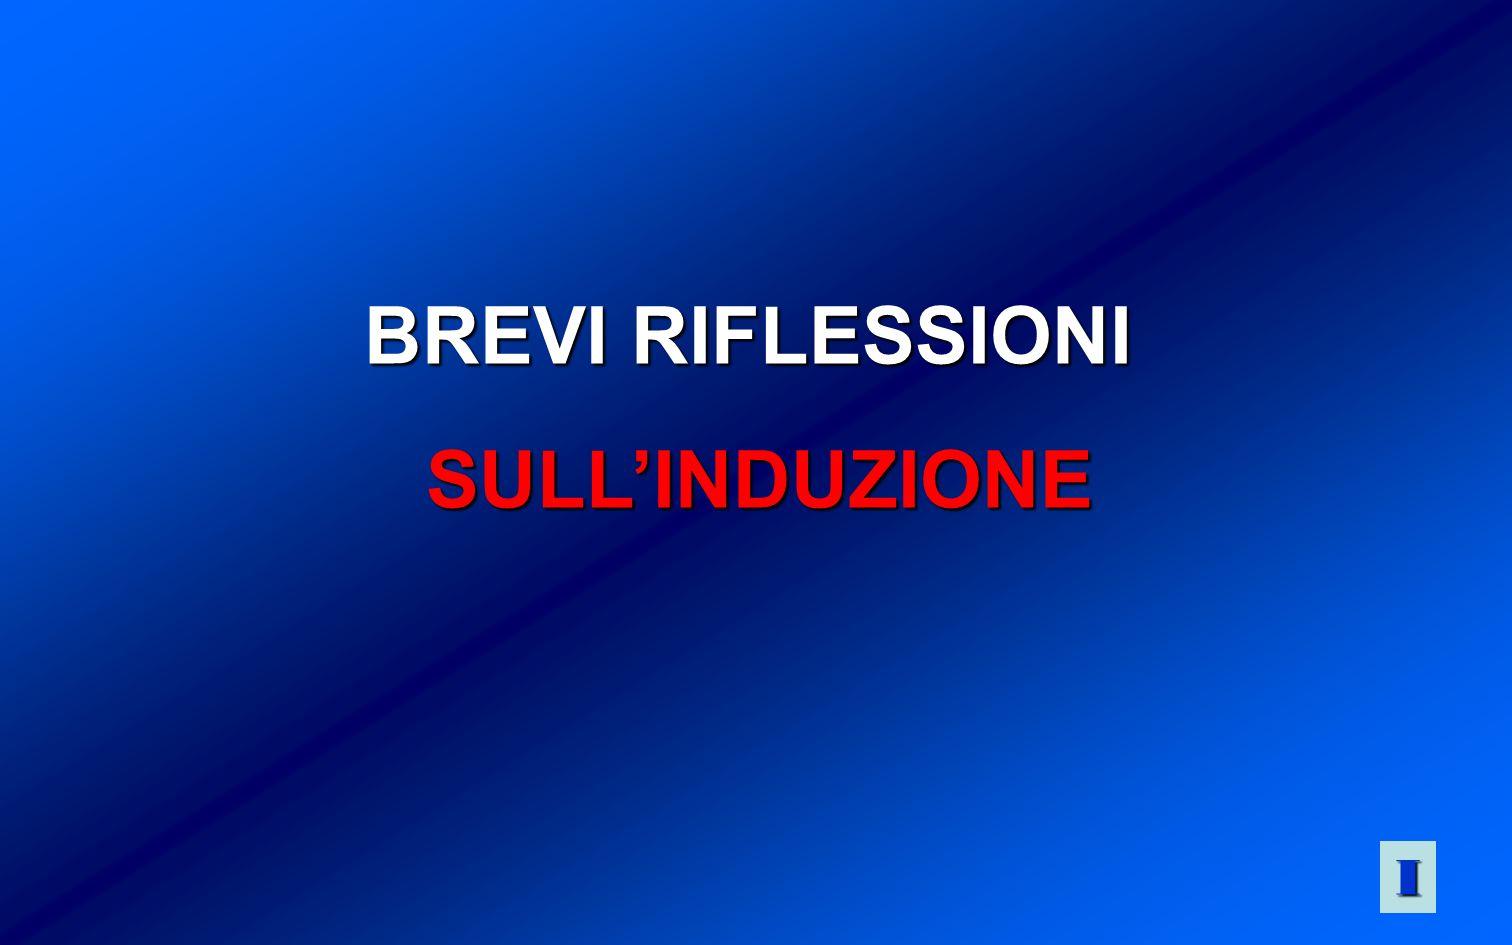 BREVI RIFLESSIONI SULL'INDUZIONE